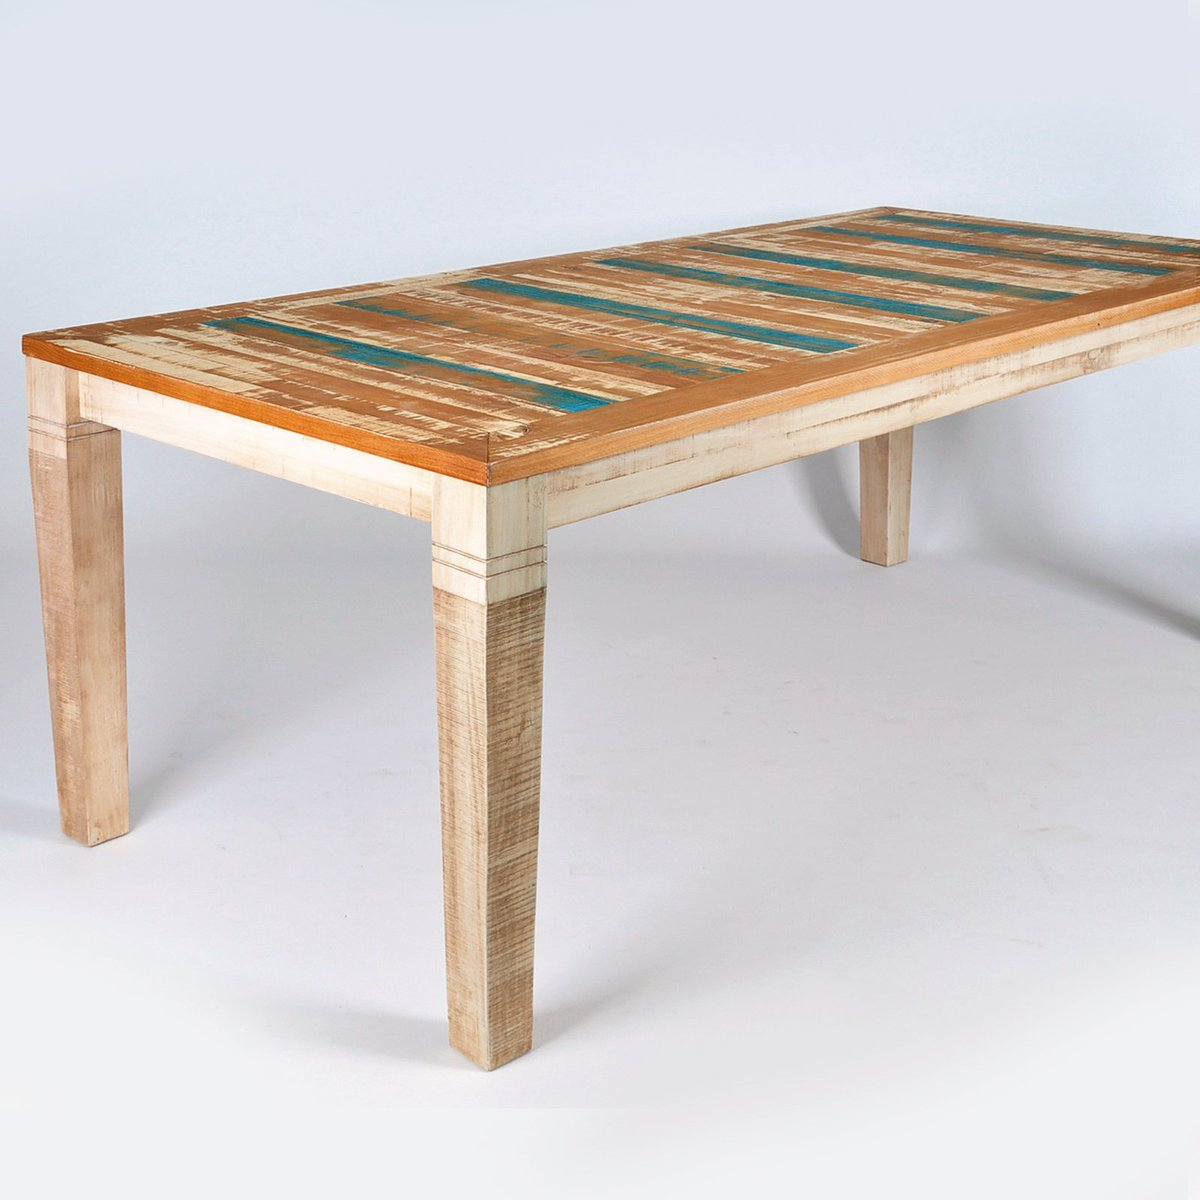 mangoholz tisch elegant full size of antik look holz couchtisch holztisch tisch shab vintage. Black Bedroom Furniture Sets. Home Design Ideas